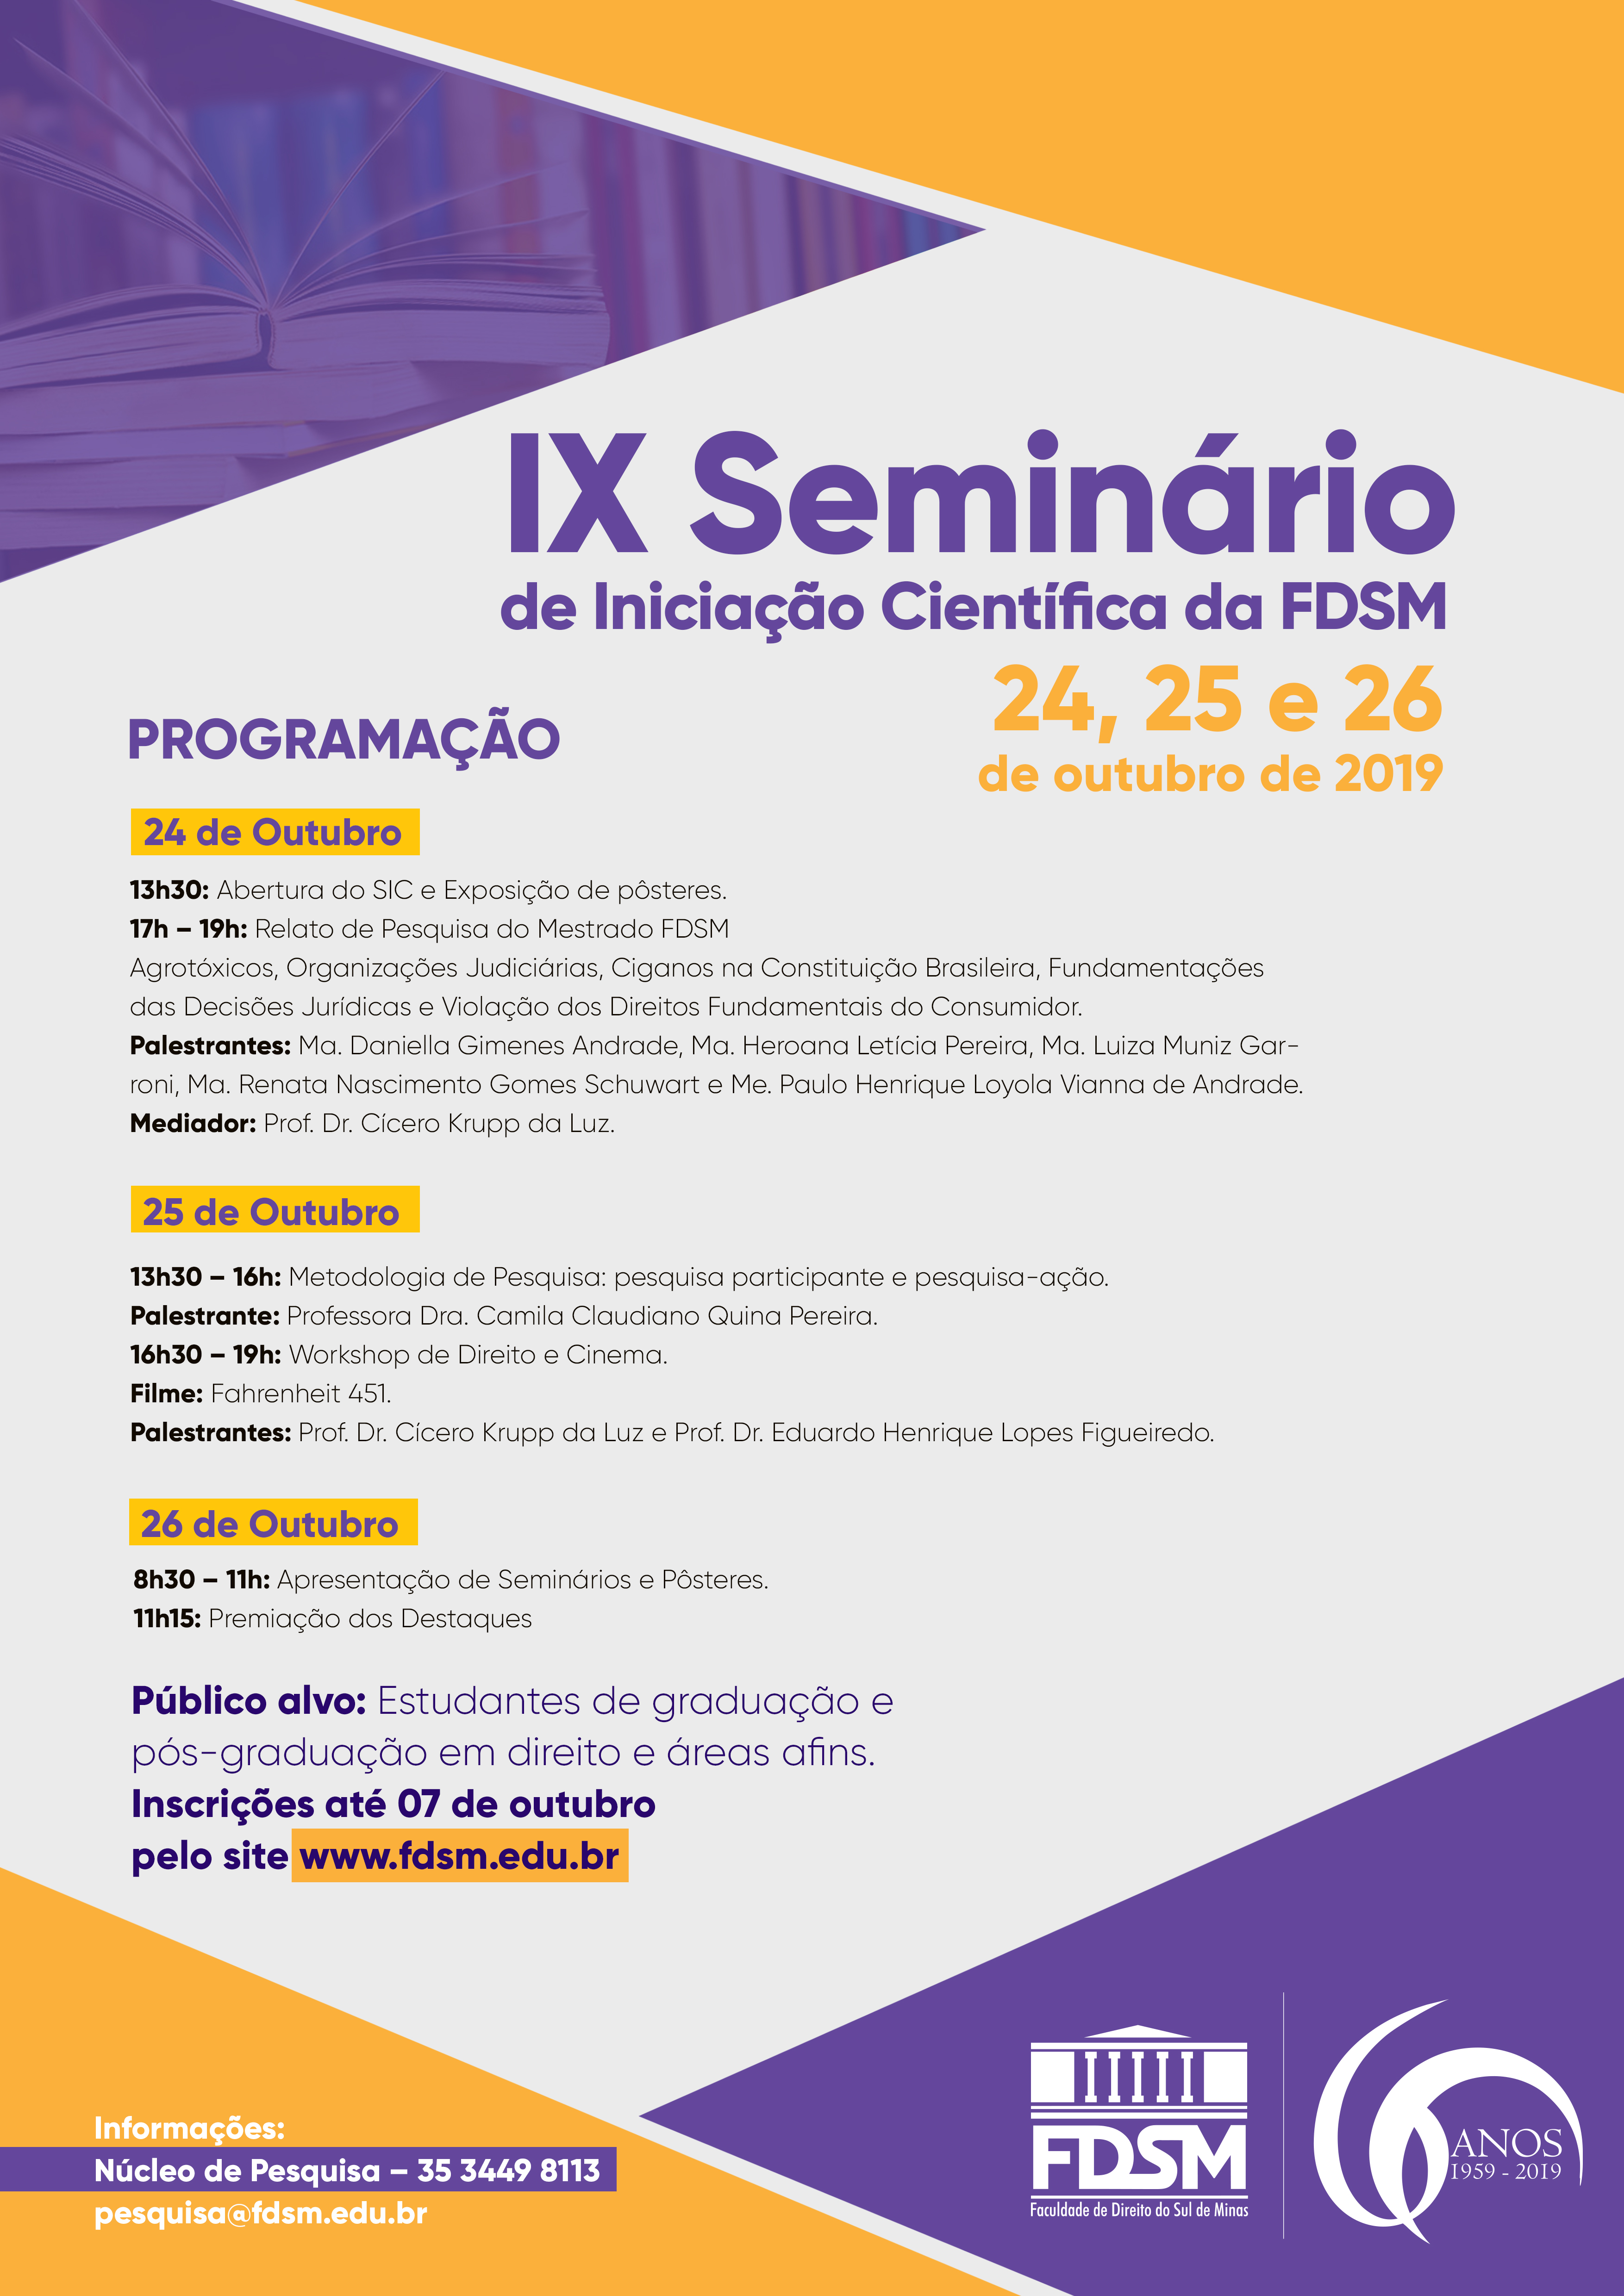 Comunicado 5803 -  IX SEMINÁRIO DE INICIAÇÃO CIENTÍFICA...